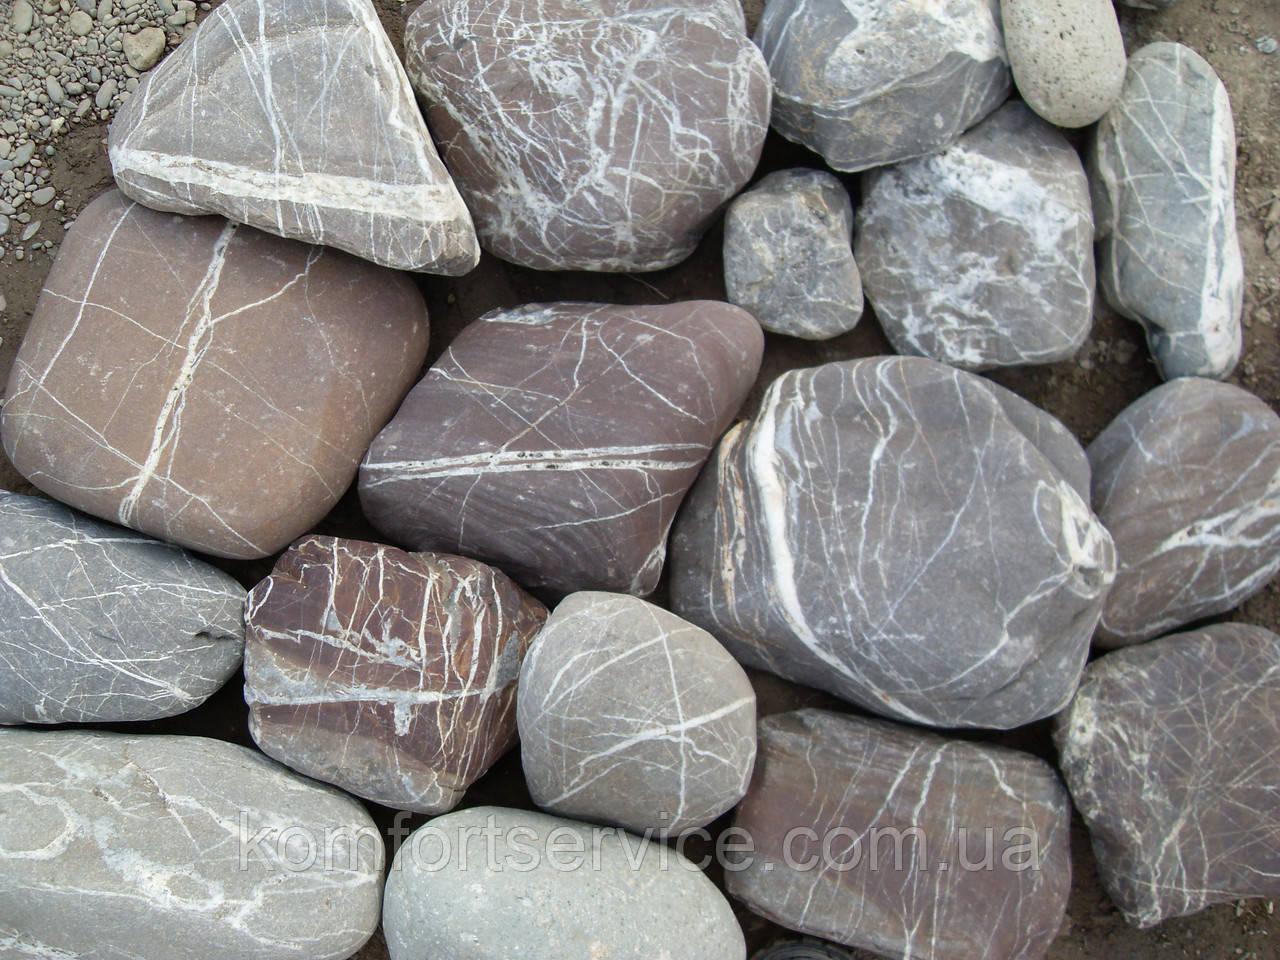 Мощение ландшафтный дизайн - натуральный камень